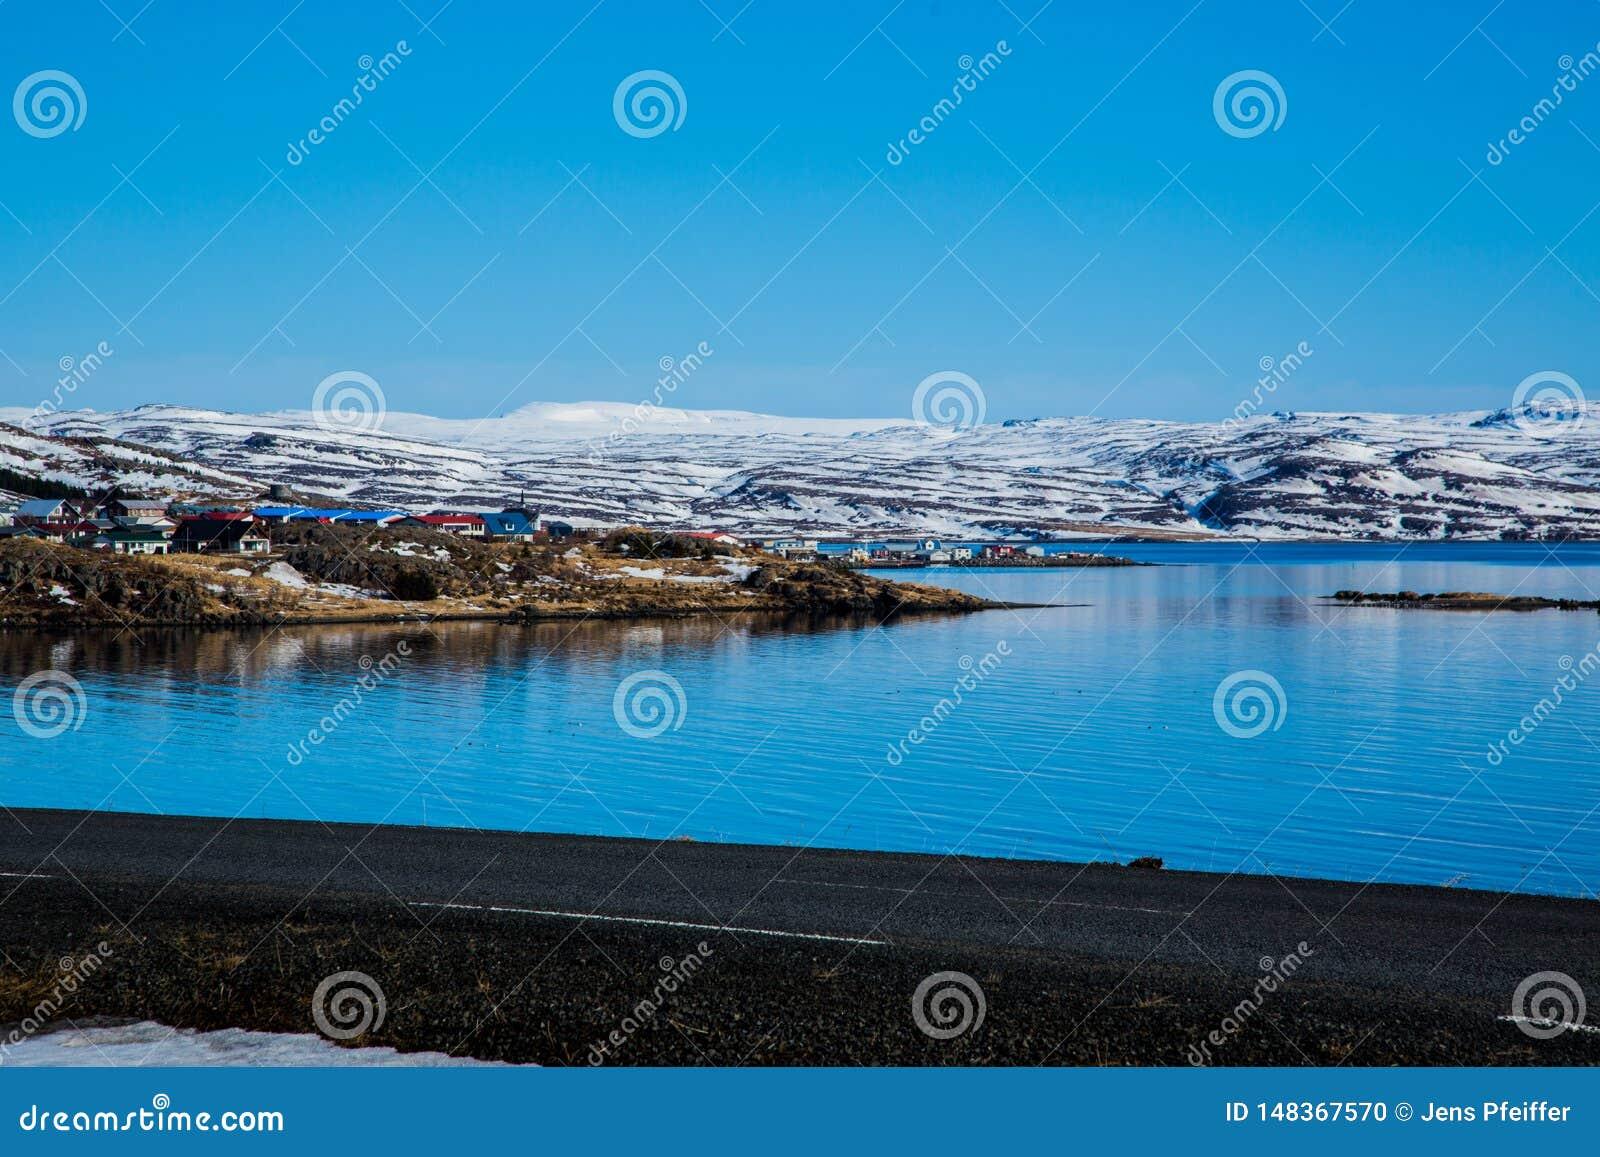 Village de pêche dans le fjord islandais en hiver